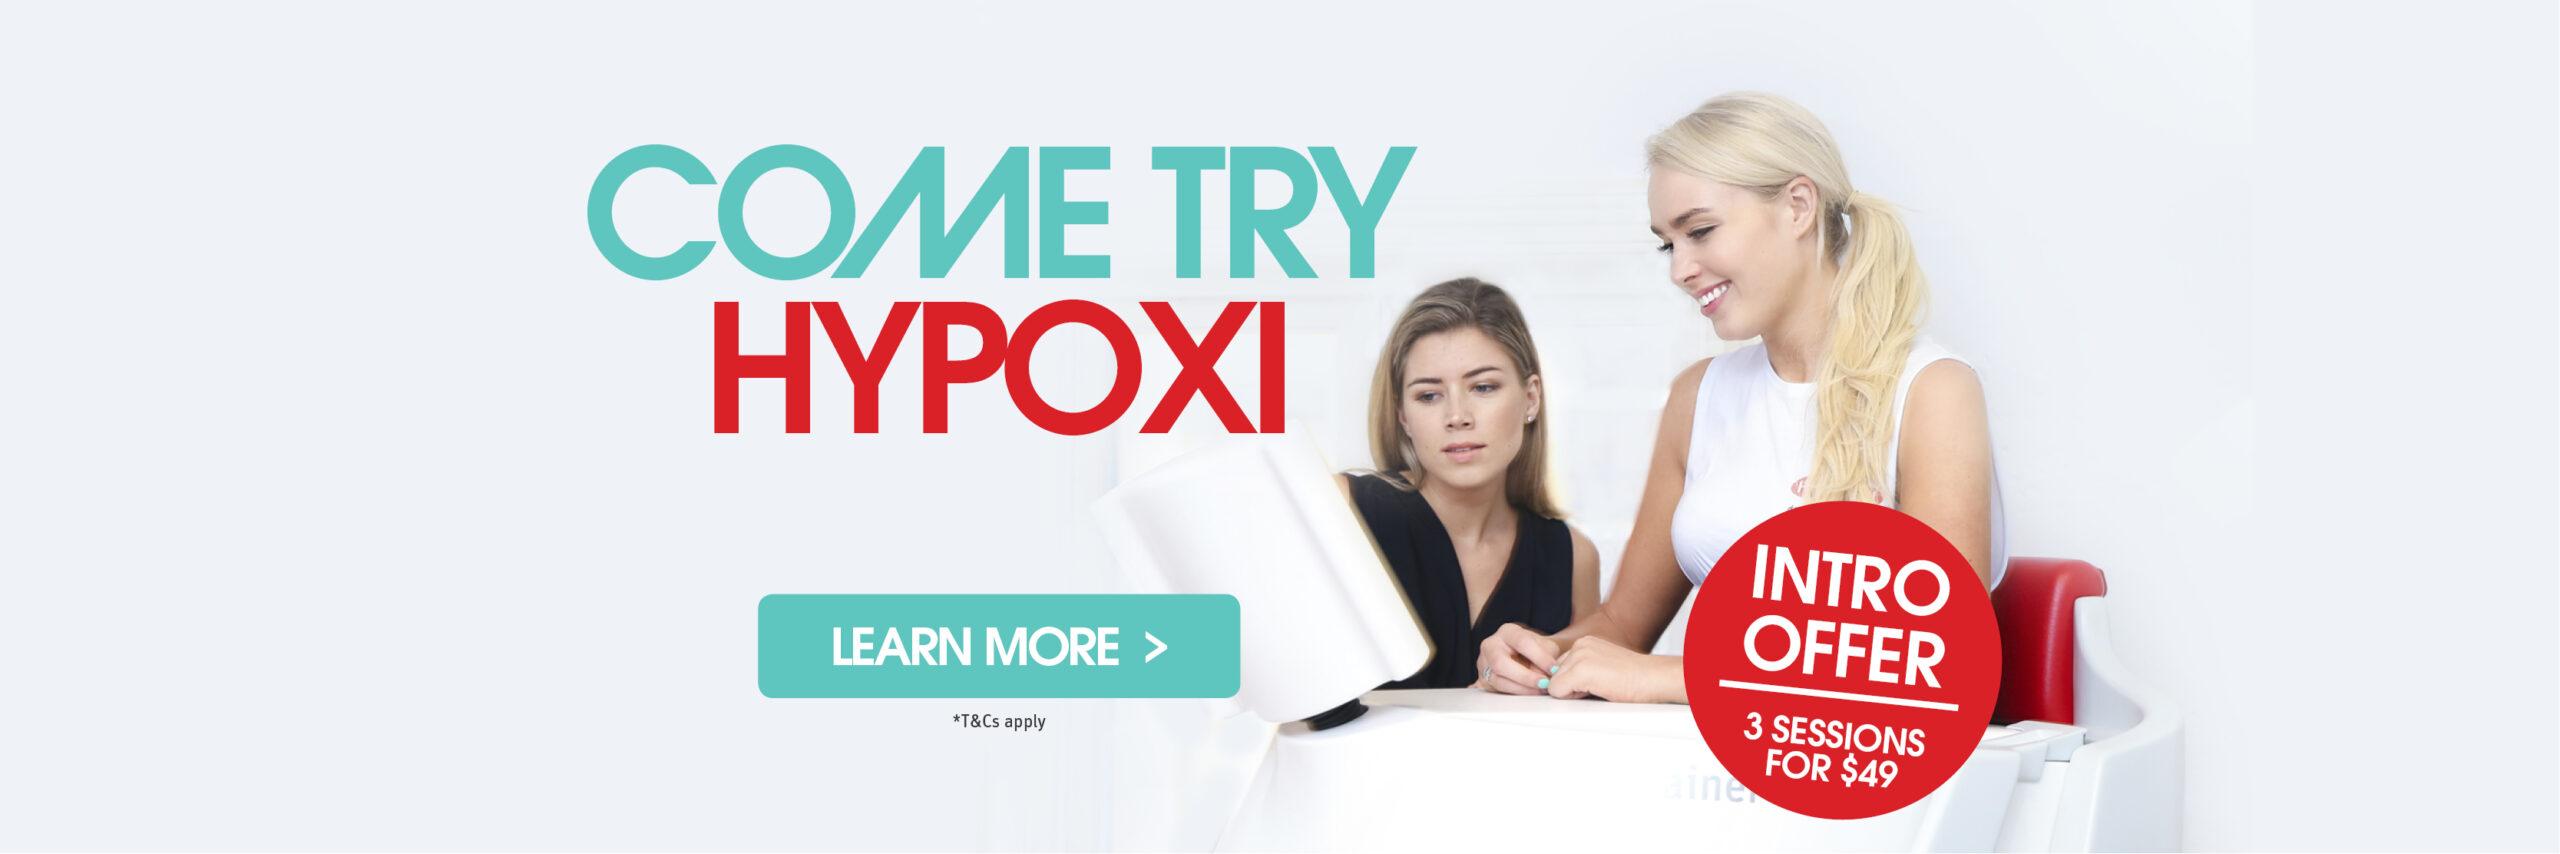 Hypoxi Studio Springfield Central